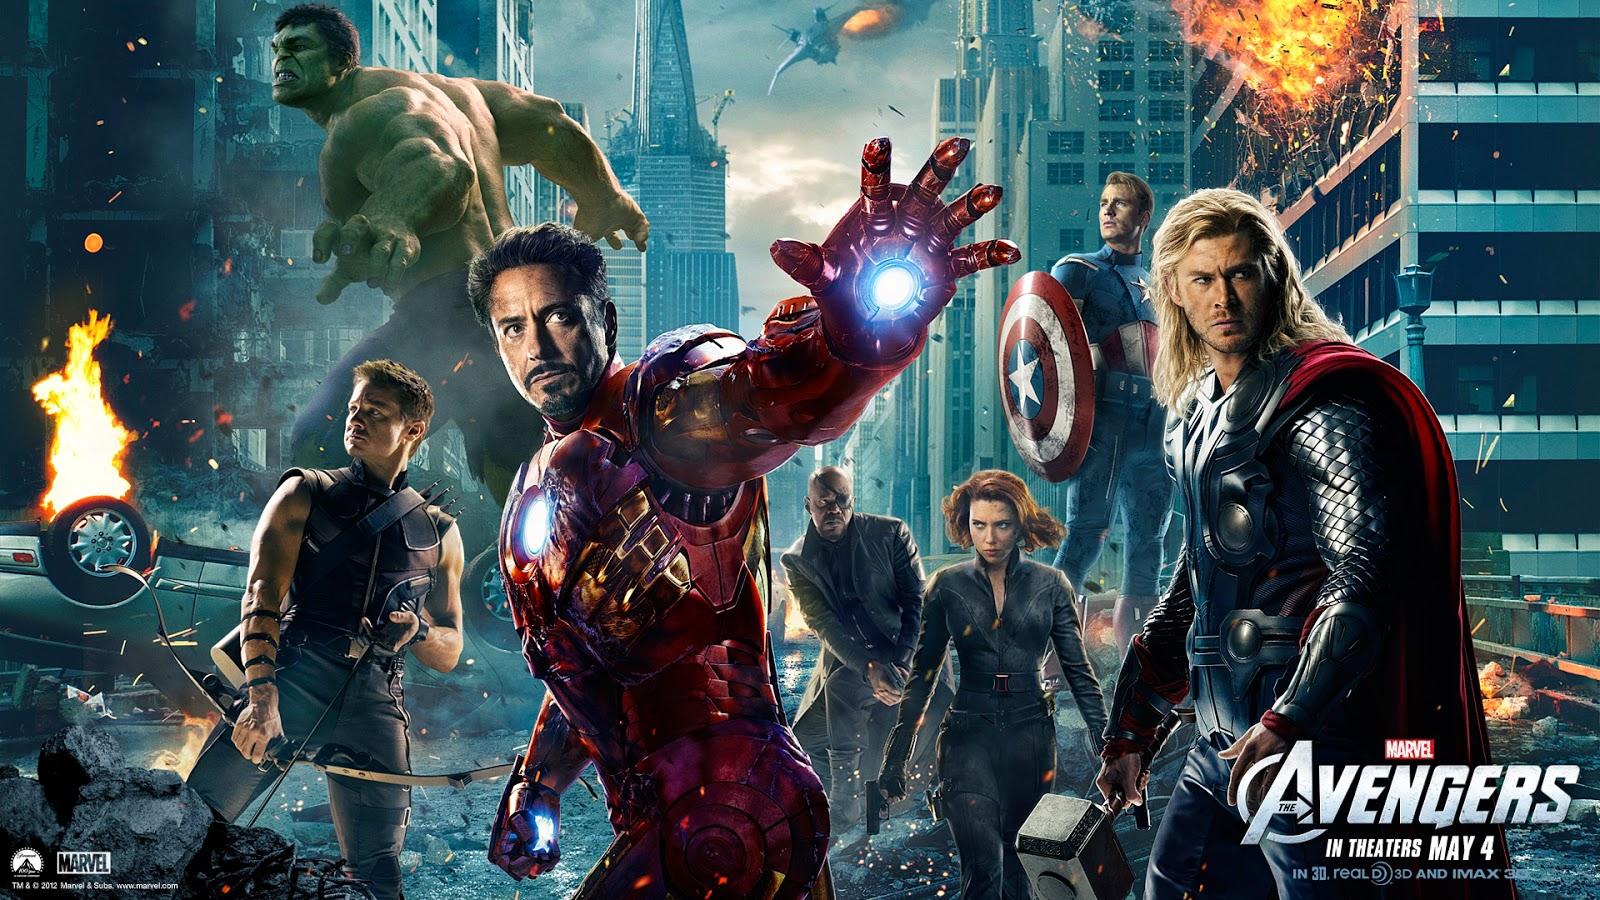 the avengers marvel 2012 movie mystery wallpaper